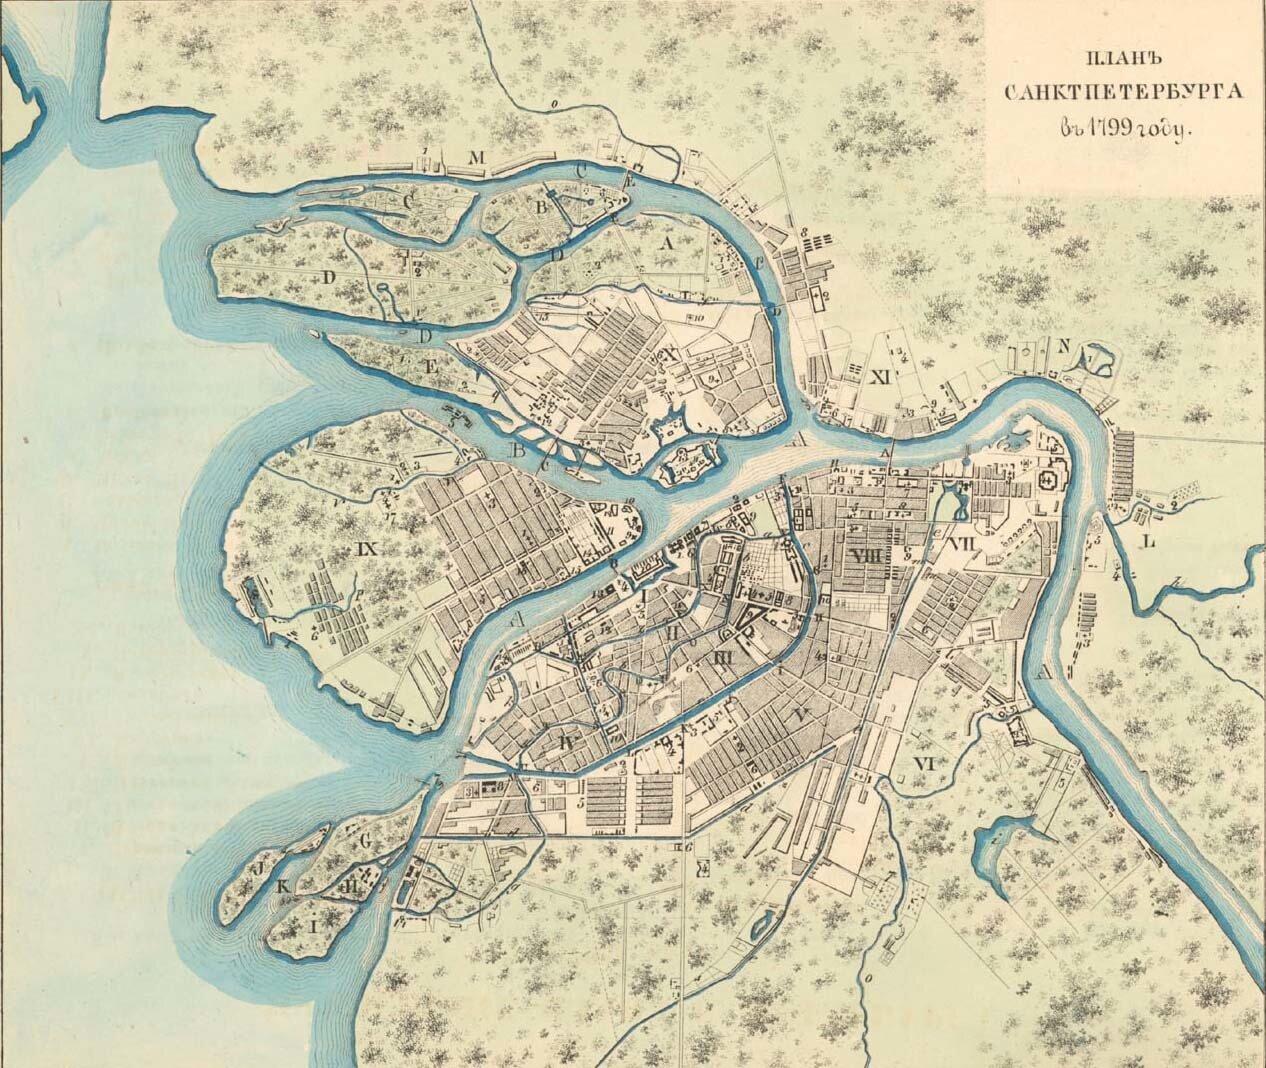 Карта петербурга 1725 года 1 kroon 2003 года цена